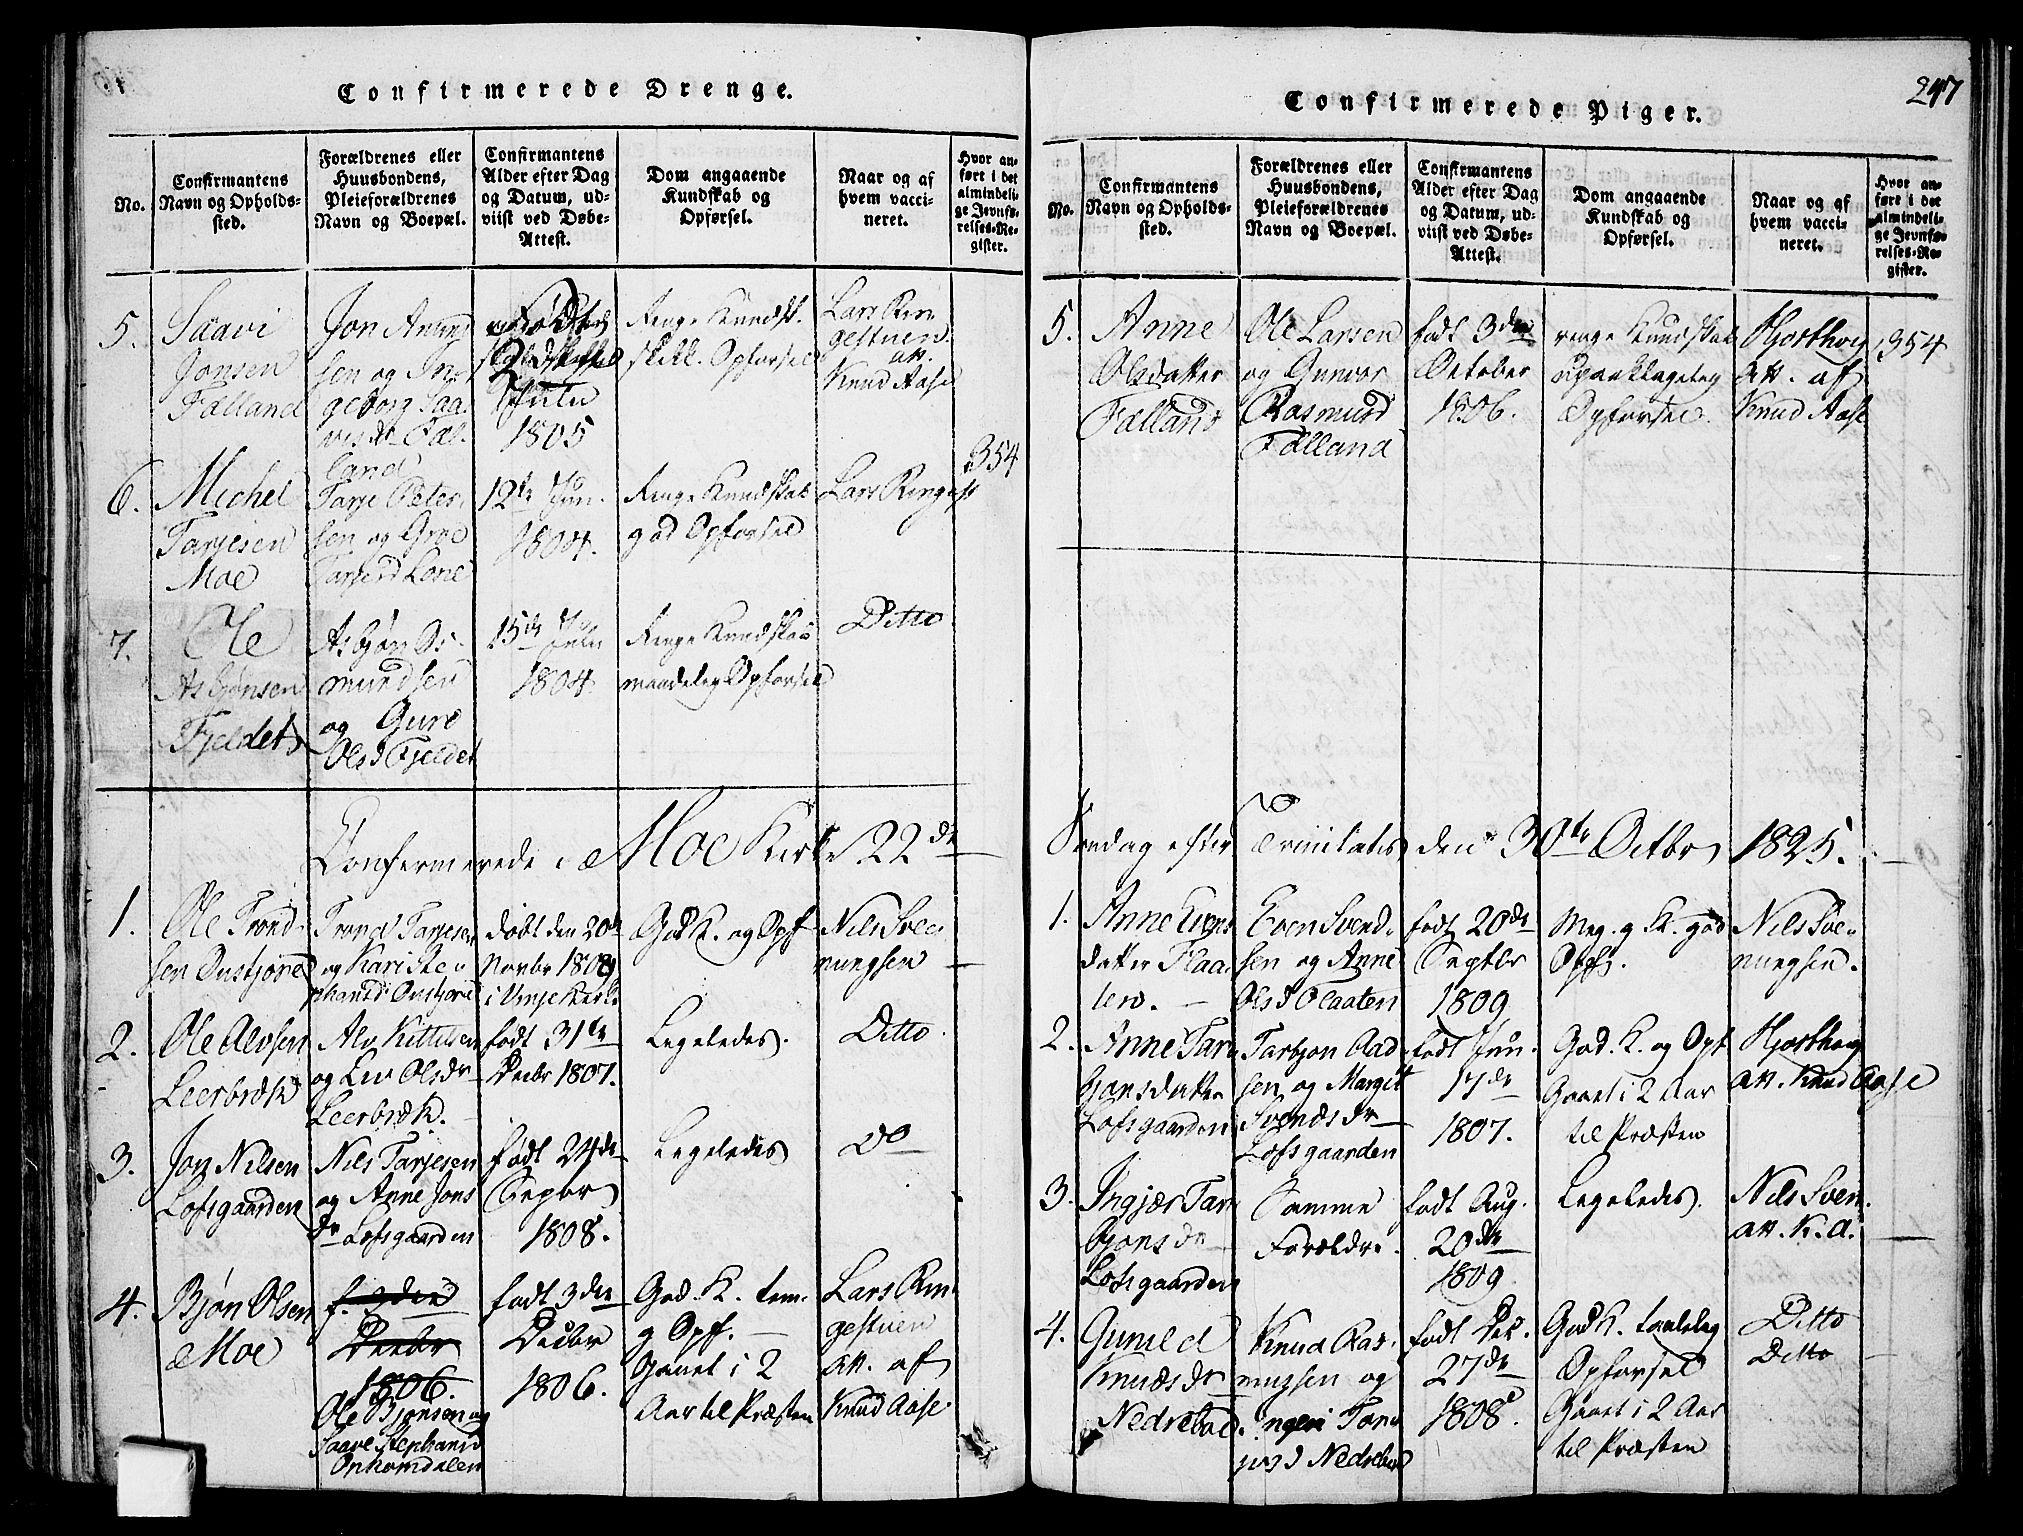 SAKO, Mo kirkebøker, F/Fa/L0004: Ministerialbok nr. I 4, 1814-1844, s. 247